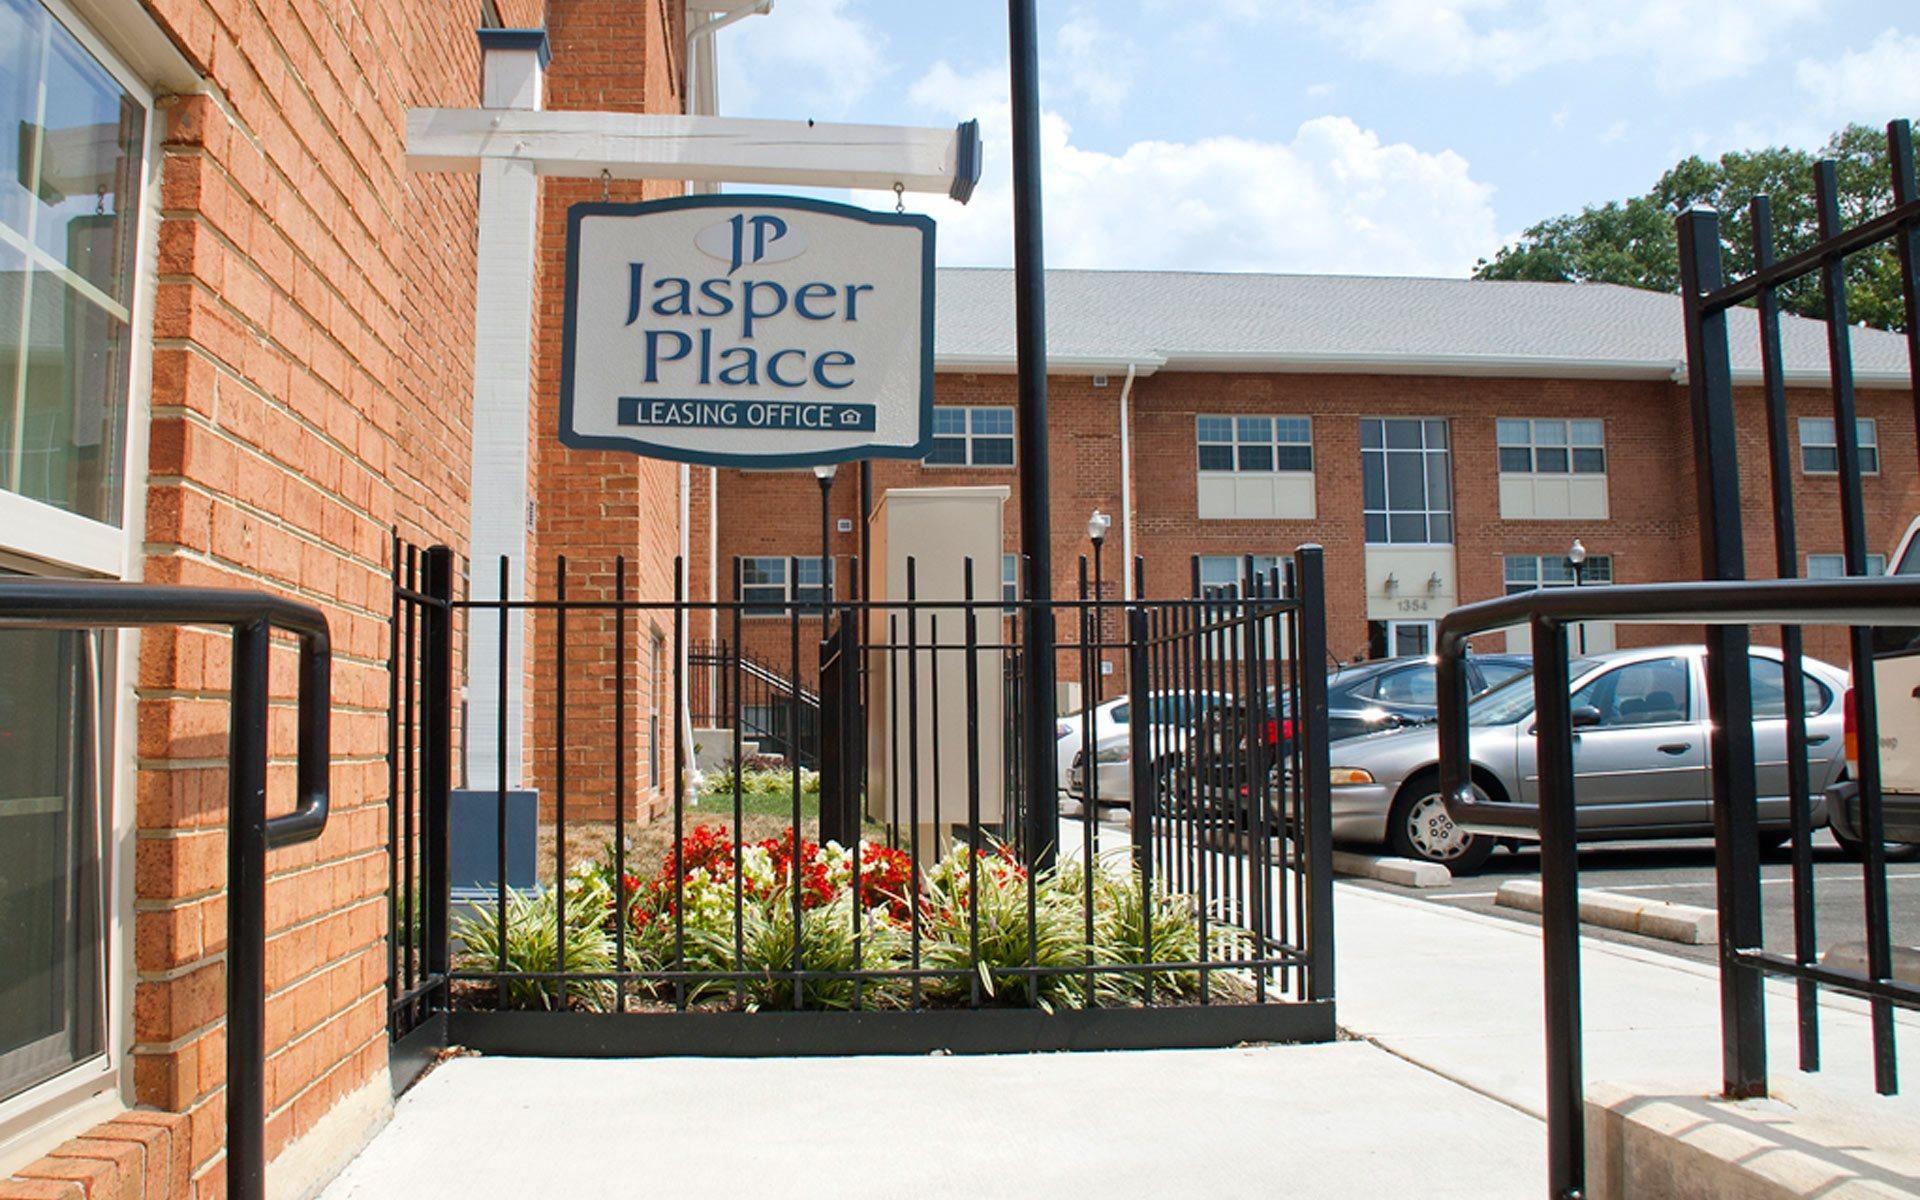 Jasper PL